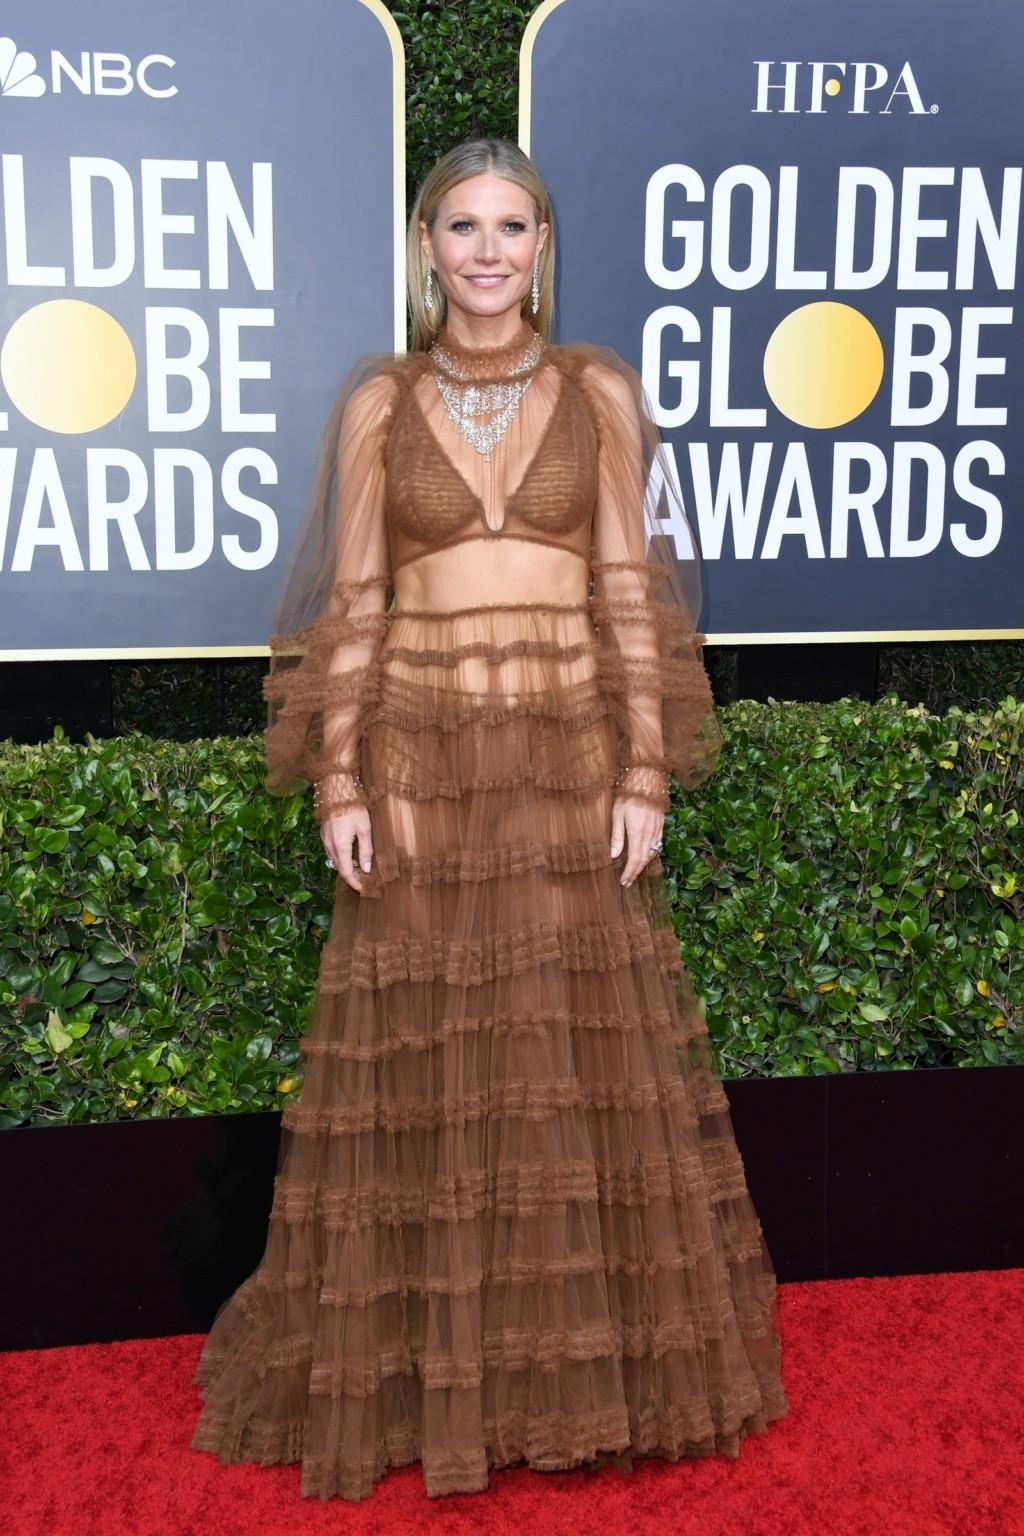 第77屆金球獎「紅毯美照」整理 翹臀珍穿「聖誕禮服」照樣稱霸全場!